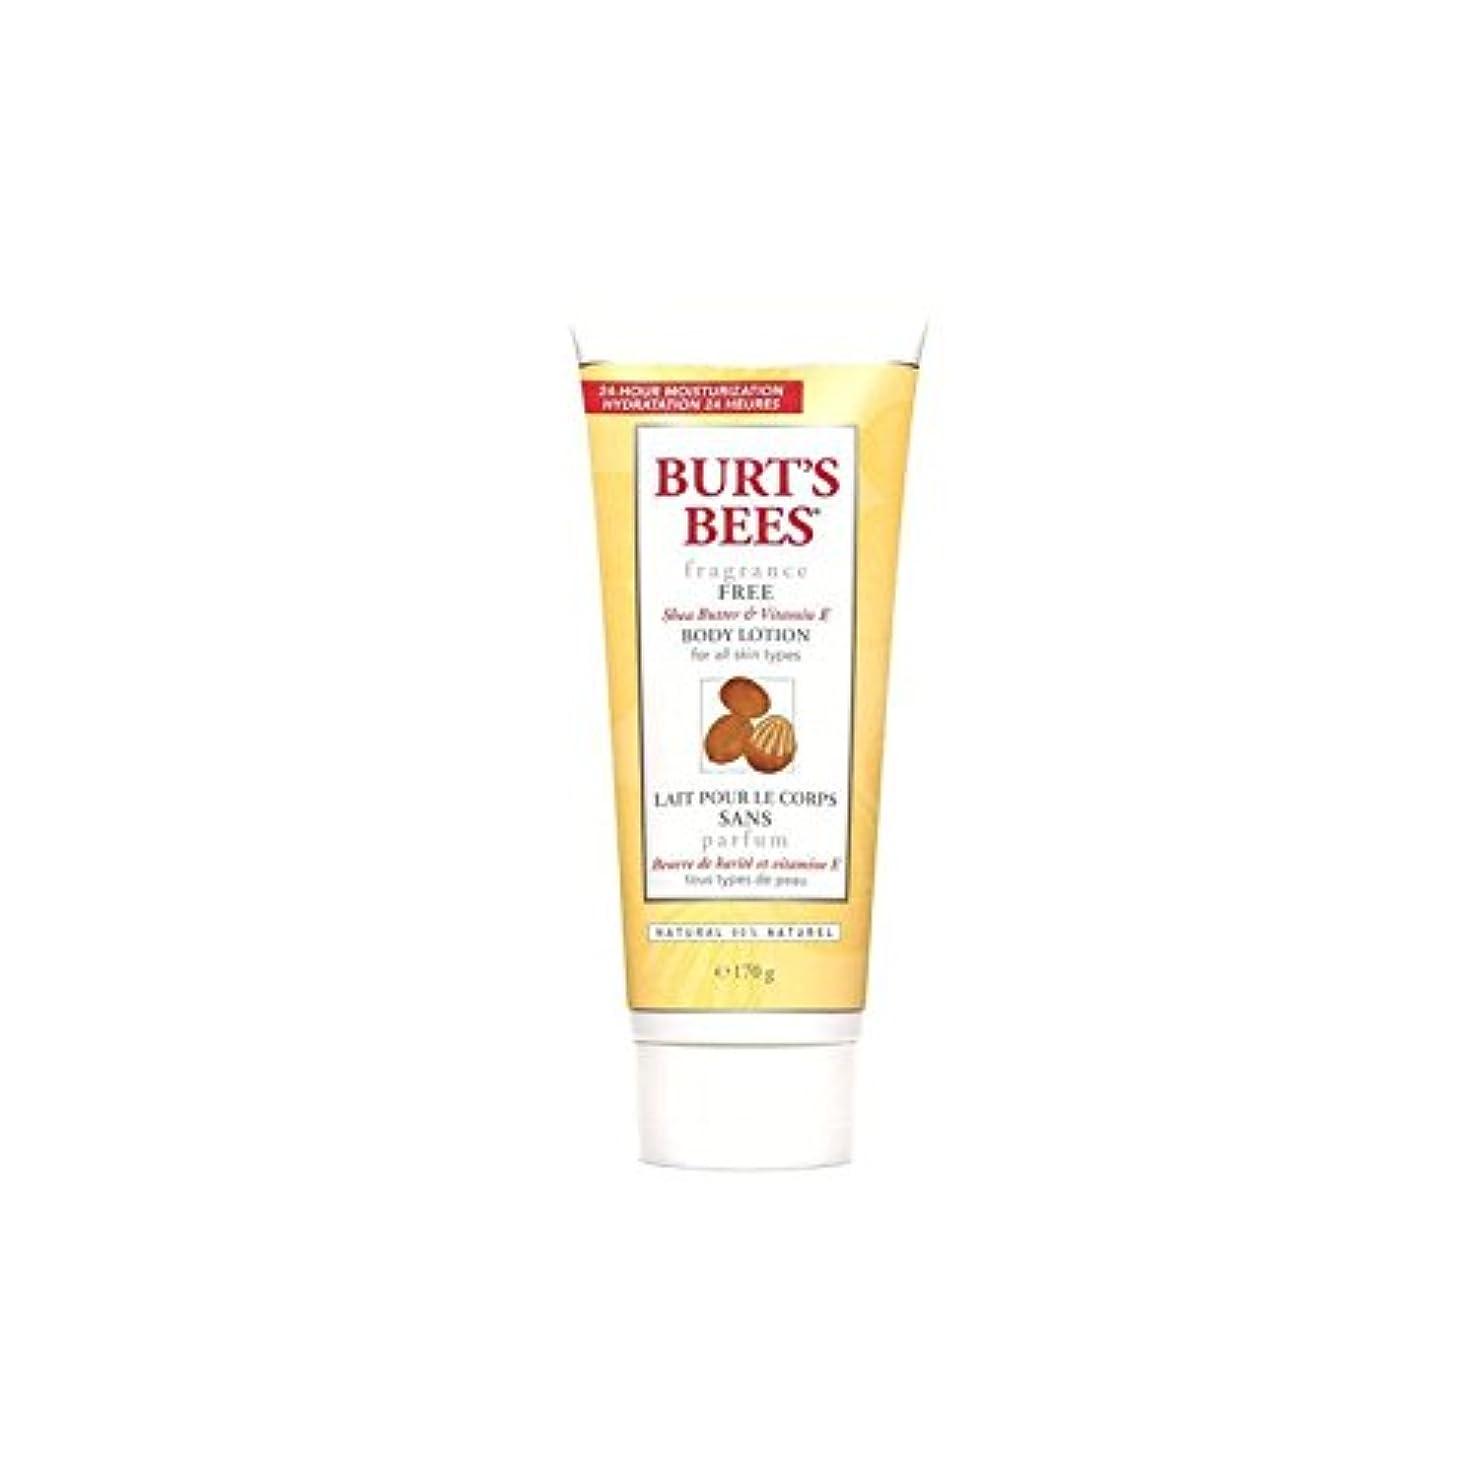 吐く痴漢台無しにバーツビーボディローション - 無香料6オンス x2 - Burt's Bees Body Lotion - Fragrance Free 6fl oz (Pack of 2) [並行輸入品]